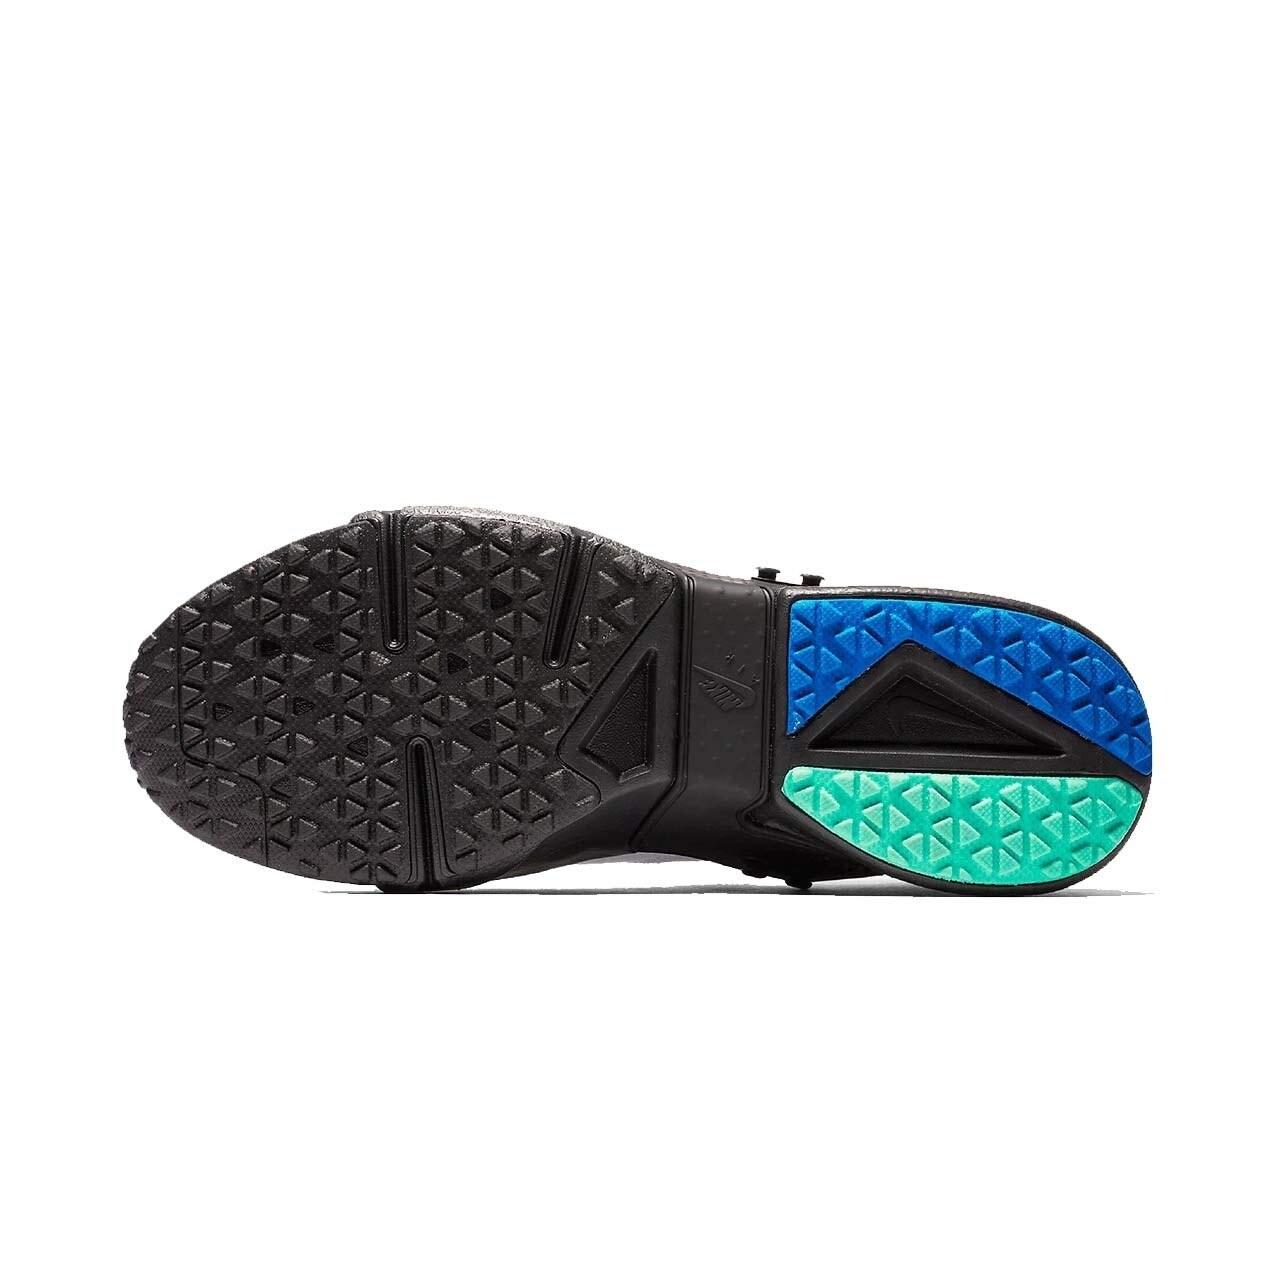 4343d67f85c6a Shop Nike Air Huarache Run PRM